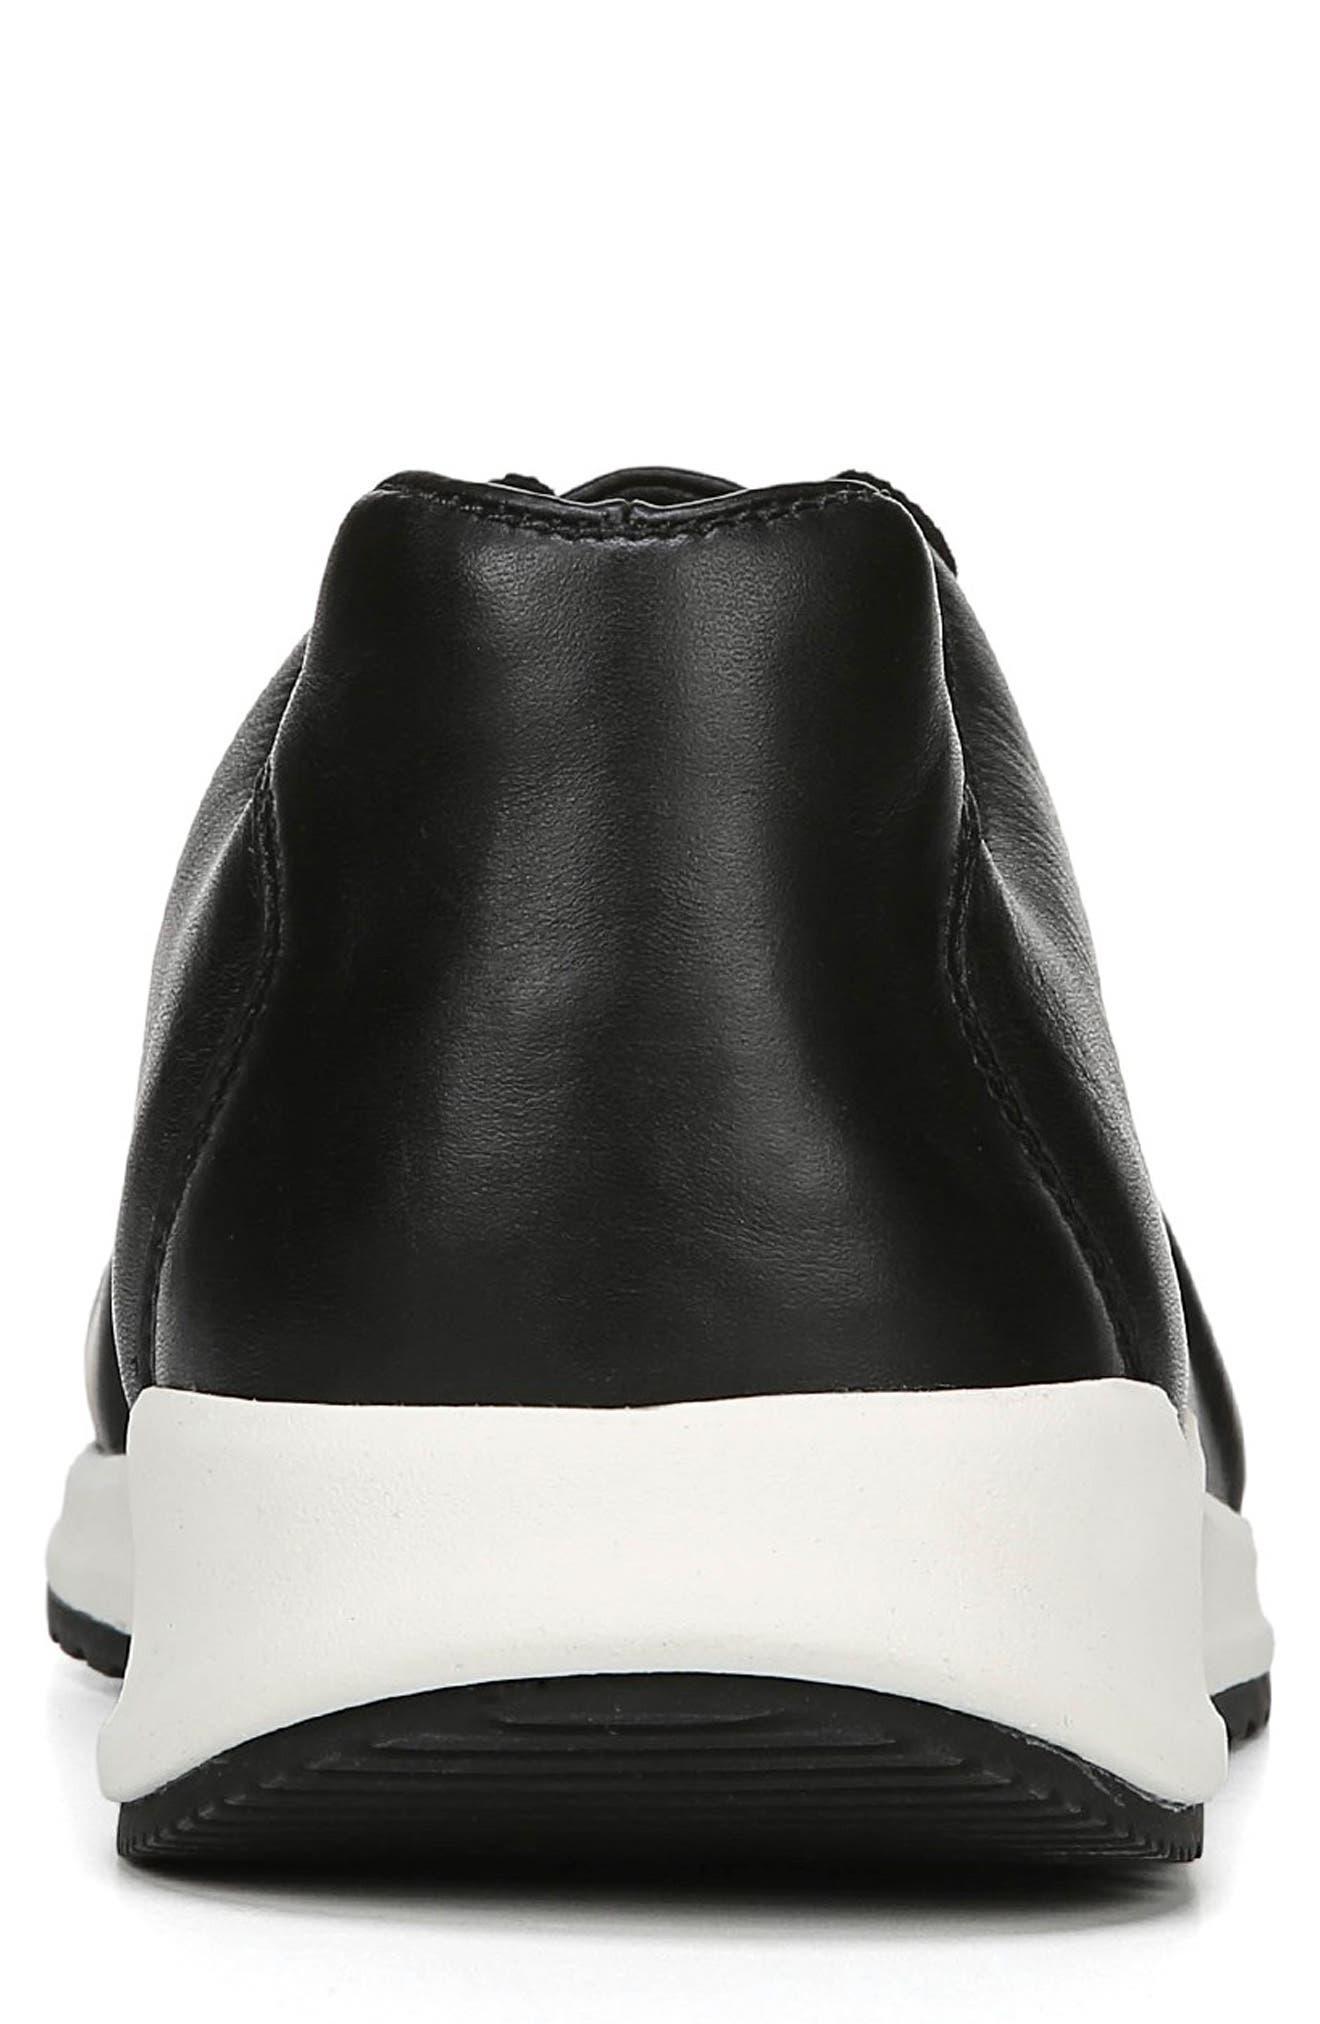 Garrett Sneaker,                             Alternate thumbnail 7, color,                             BLACK/ BLACK